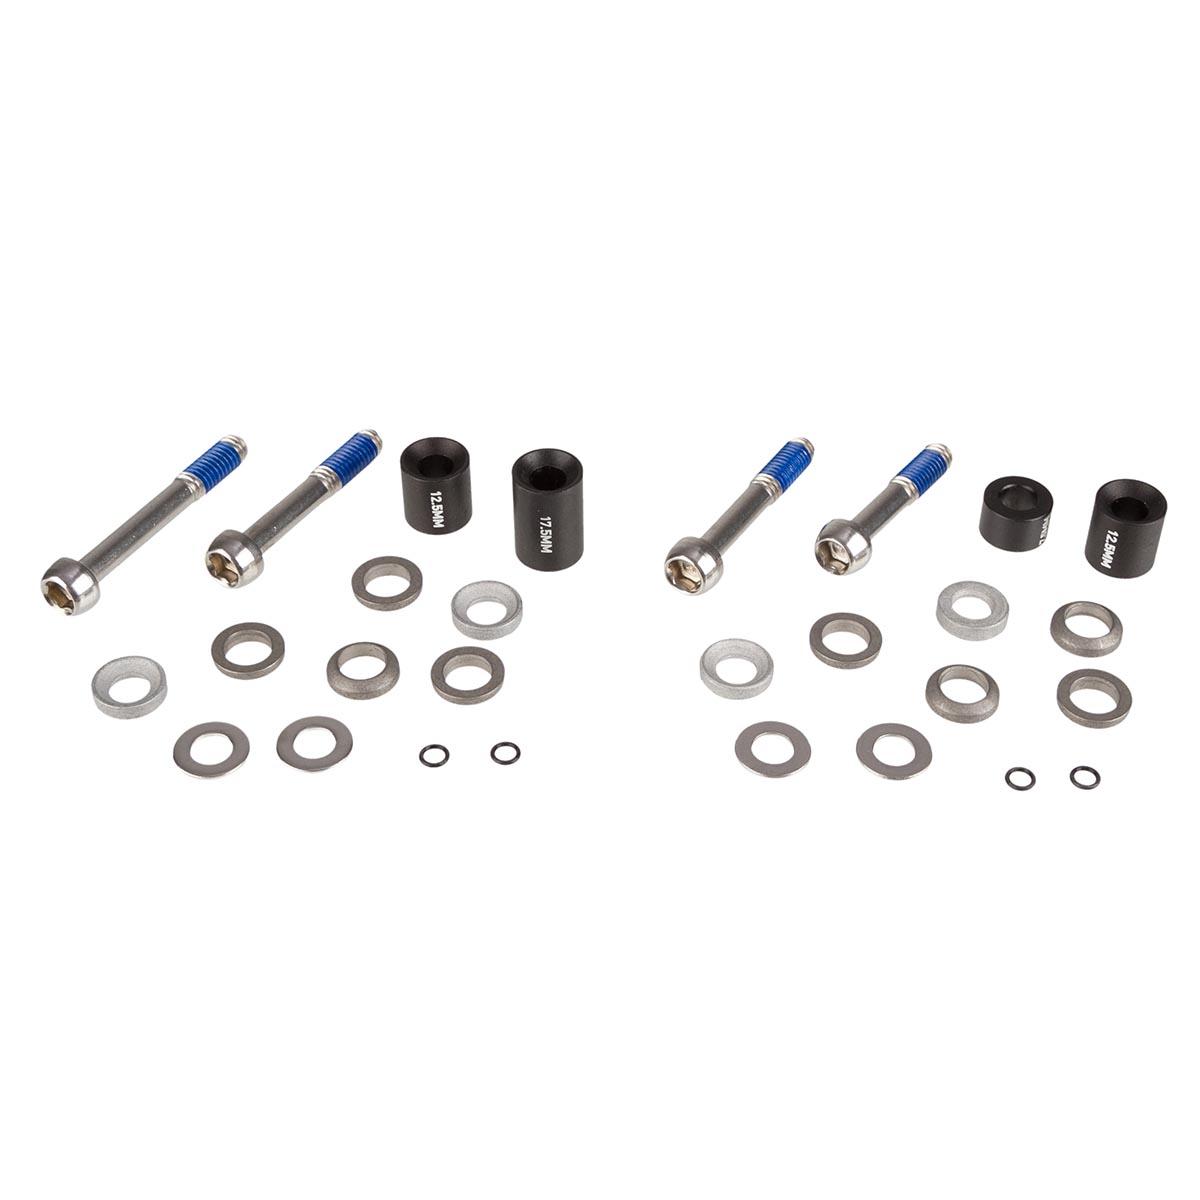 Avid Adapter 20S Standard Vorn oder Hinten, Stahl, für PM-Bremse/PM-Gabel, für 180/160 mm Bremsscheiben